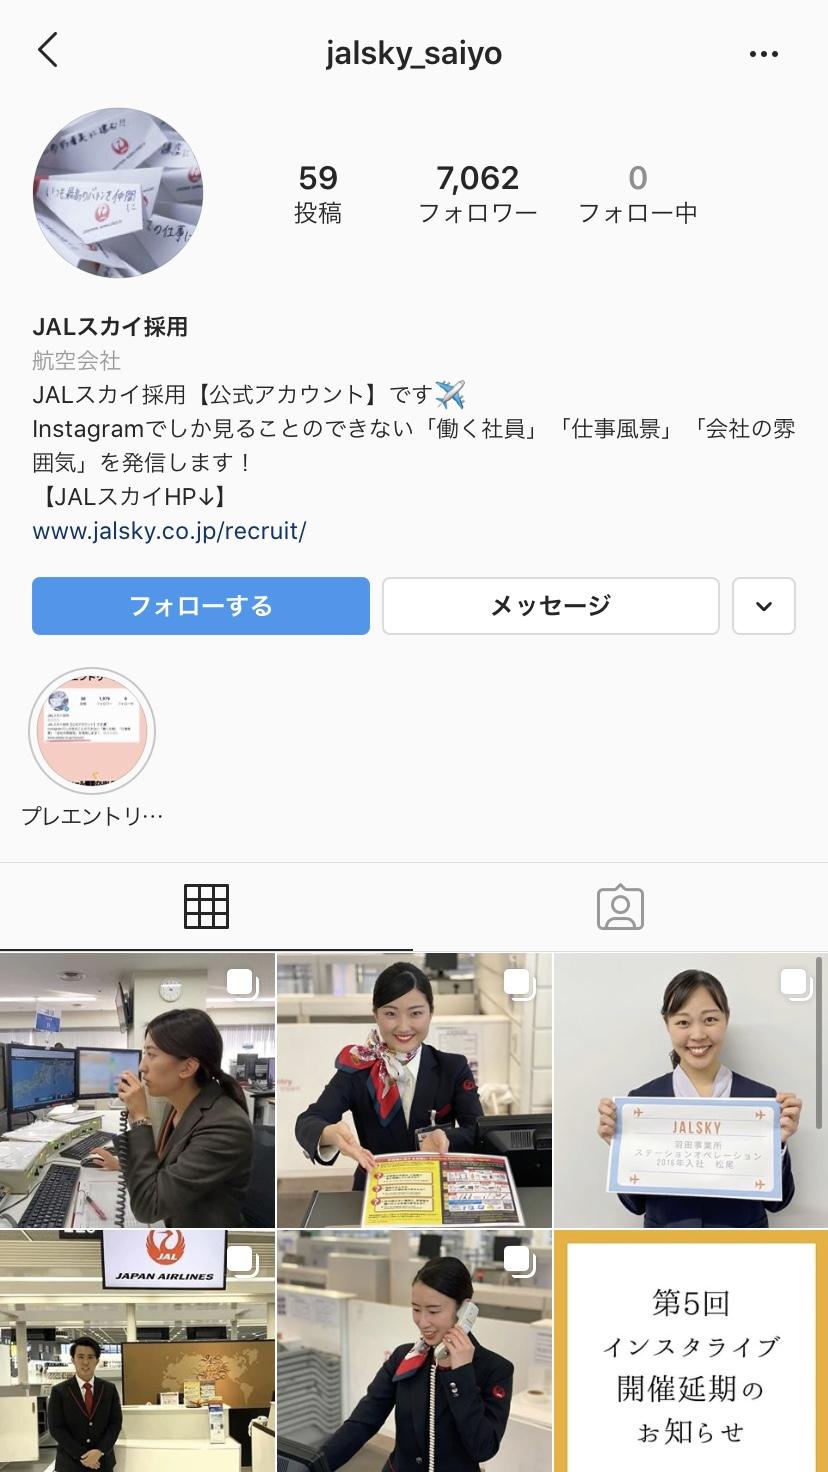 株式会社JALスカイのInstagram採用の事例